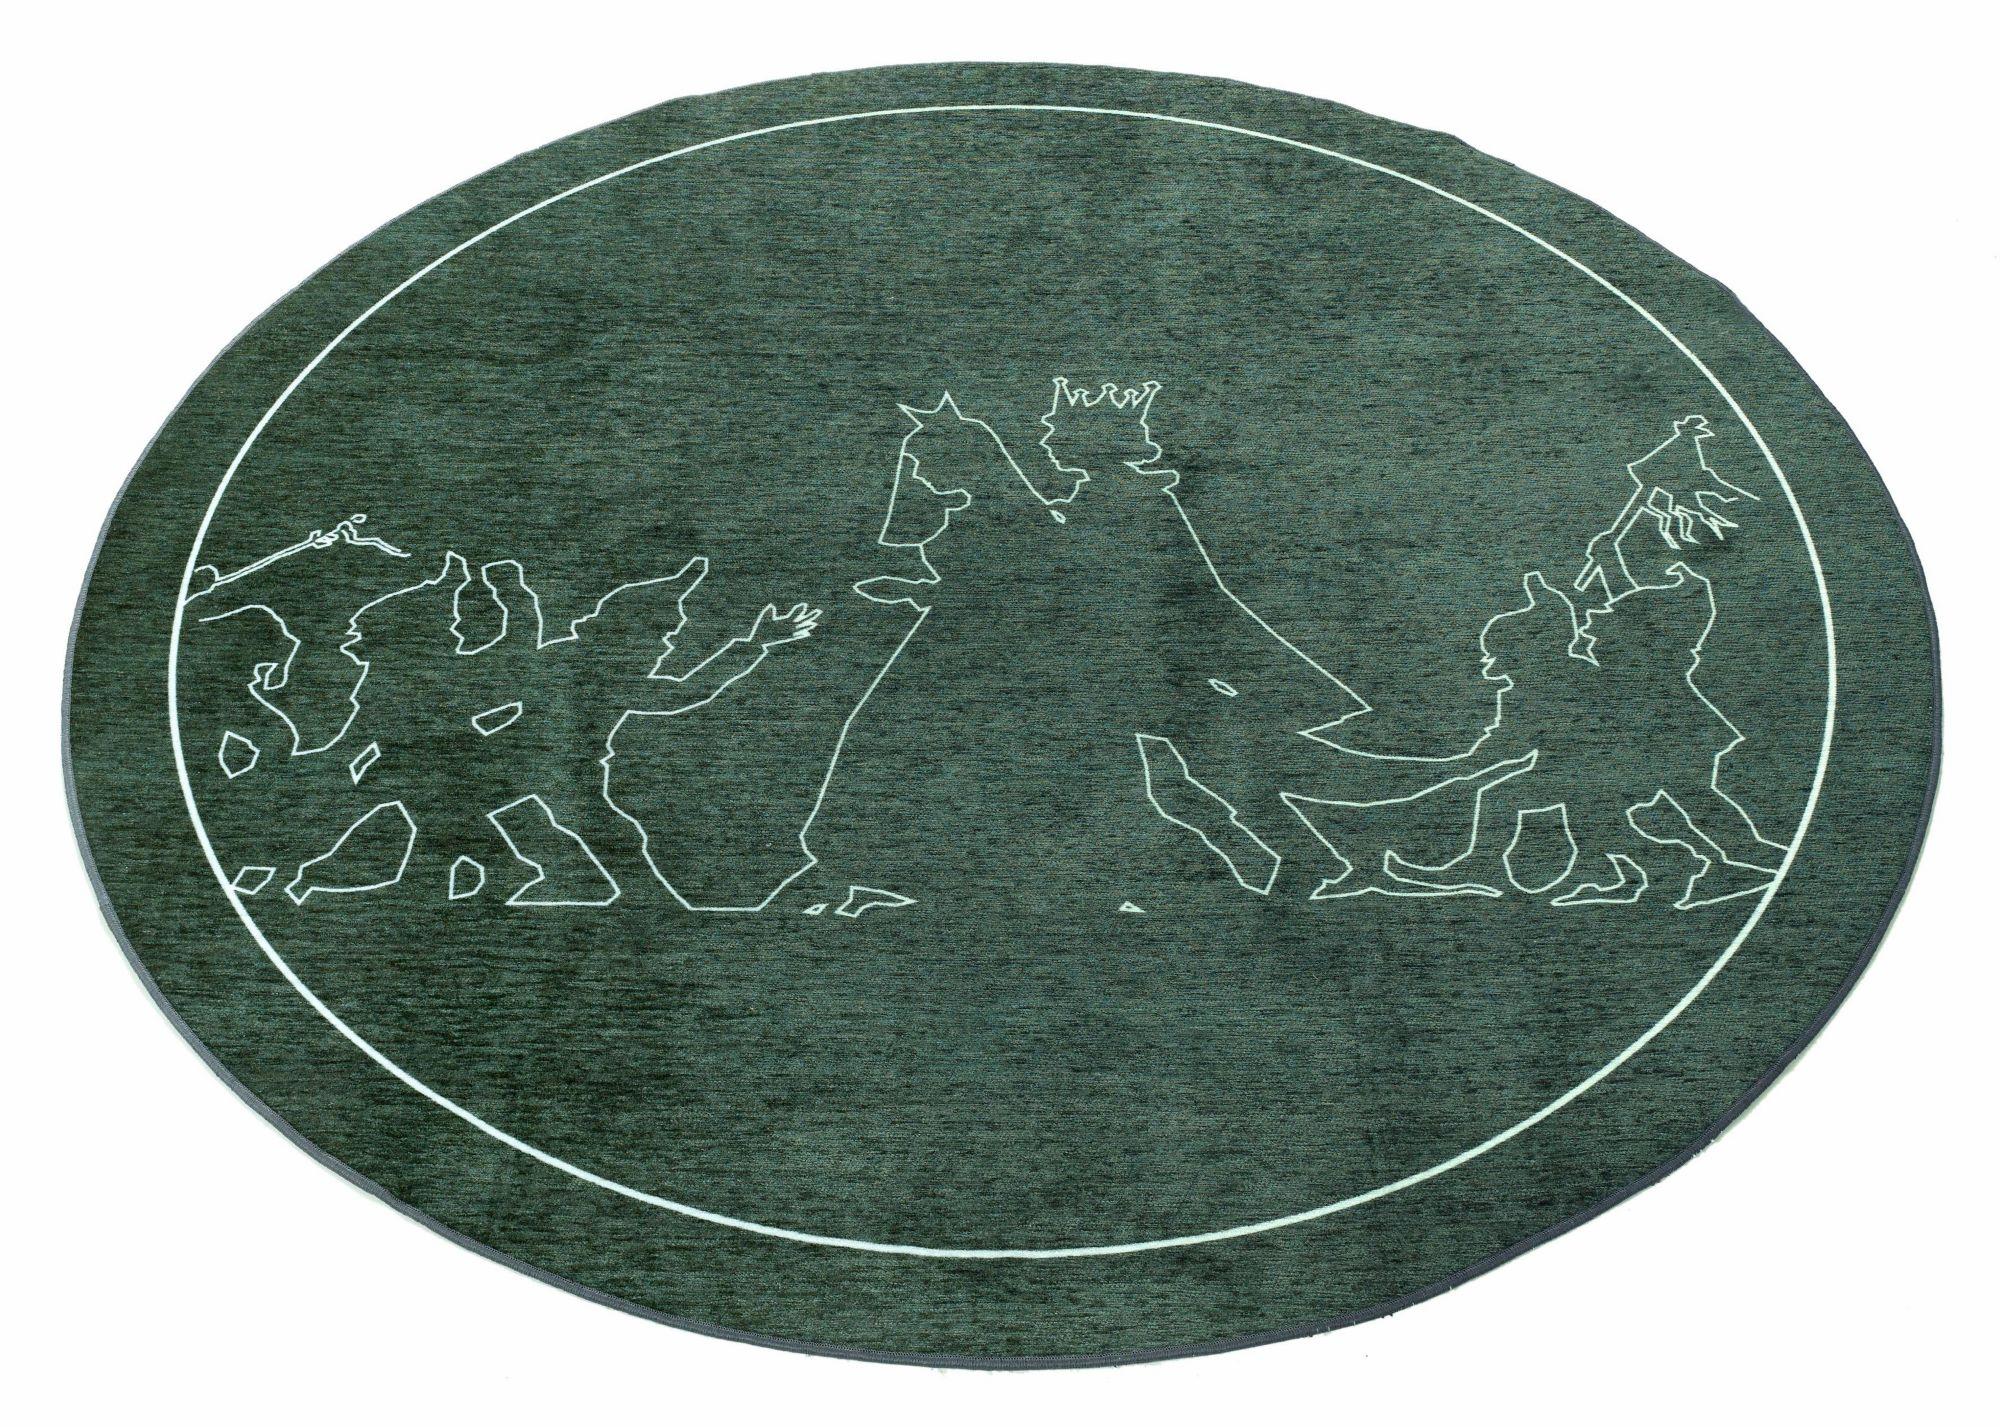 GRIMMLIIS Kinder-Teppich, rund, Grimmliis, »Märchen 3«, Höhe 2 mm,  Flachgewebe